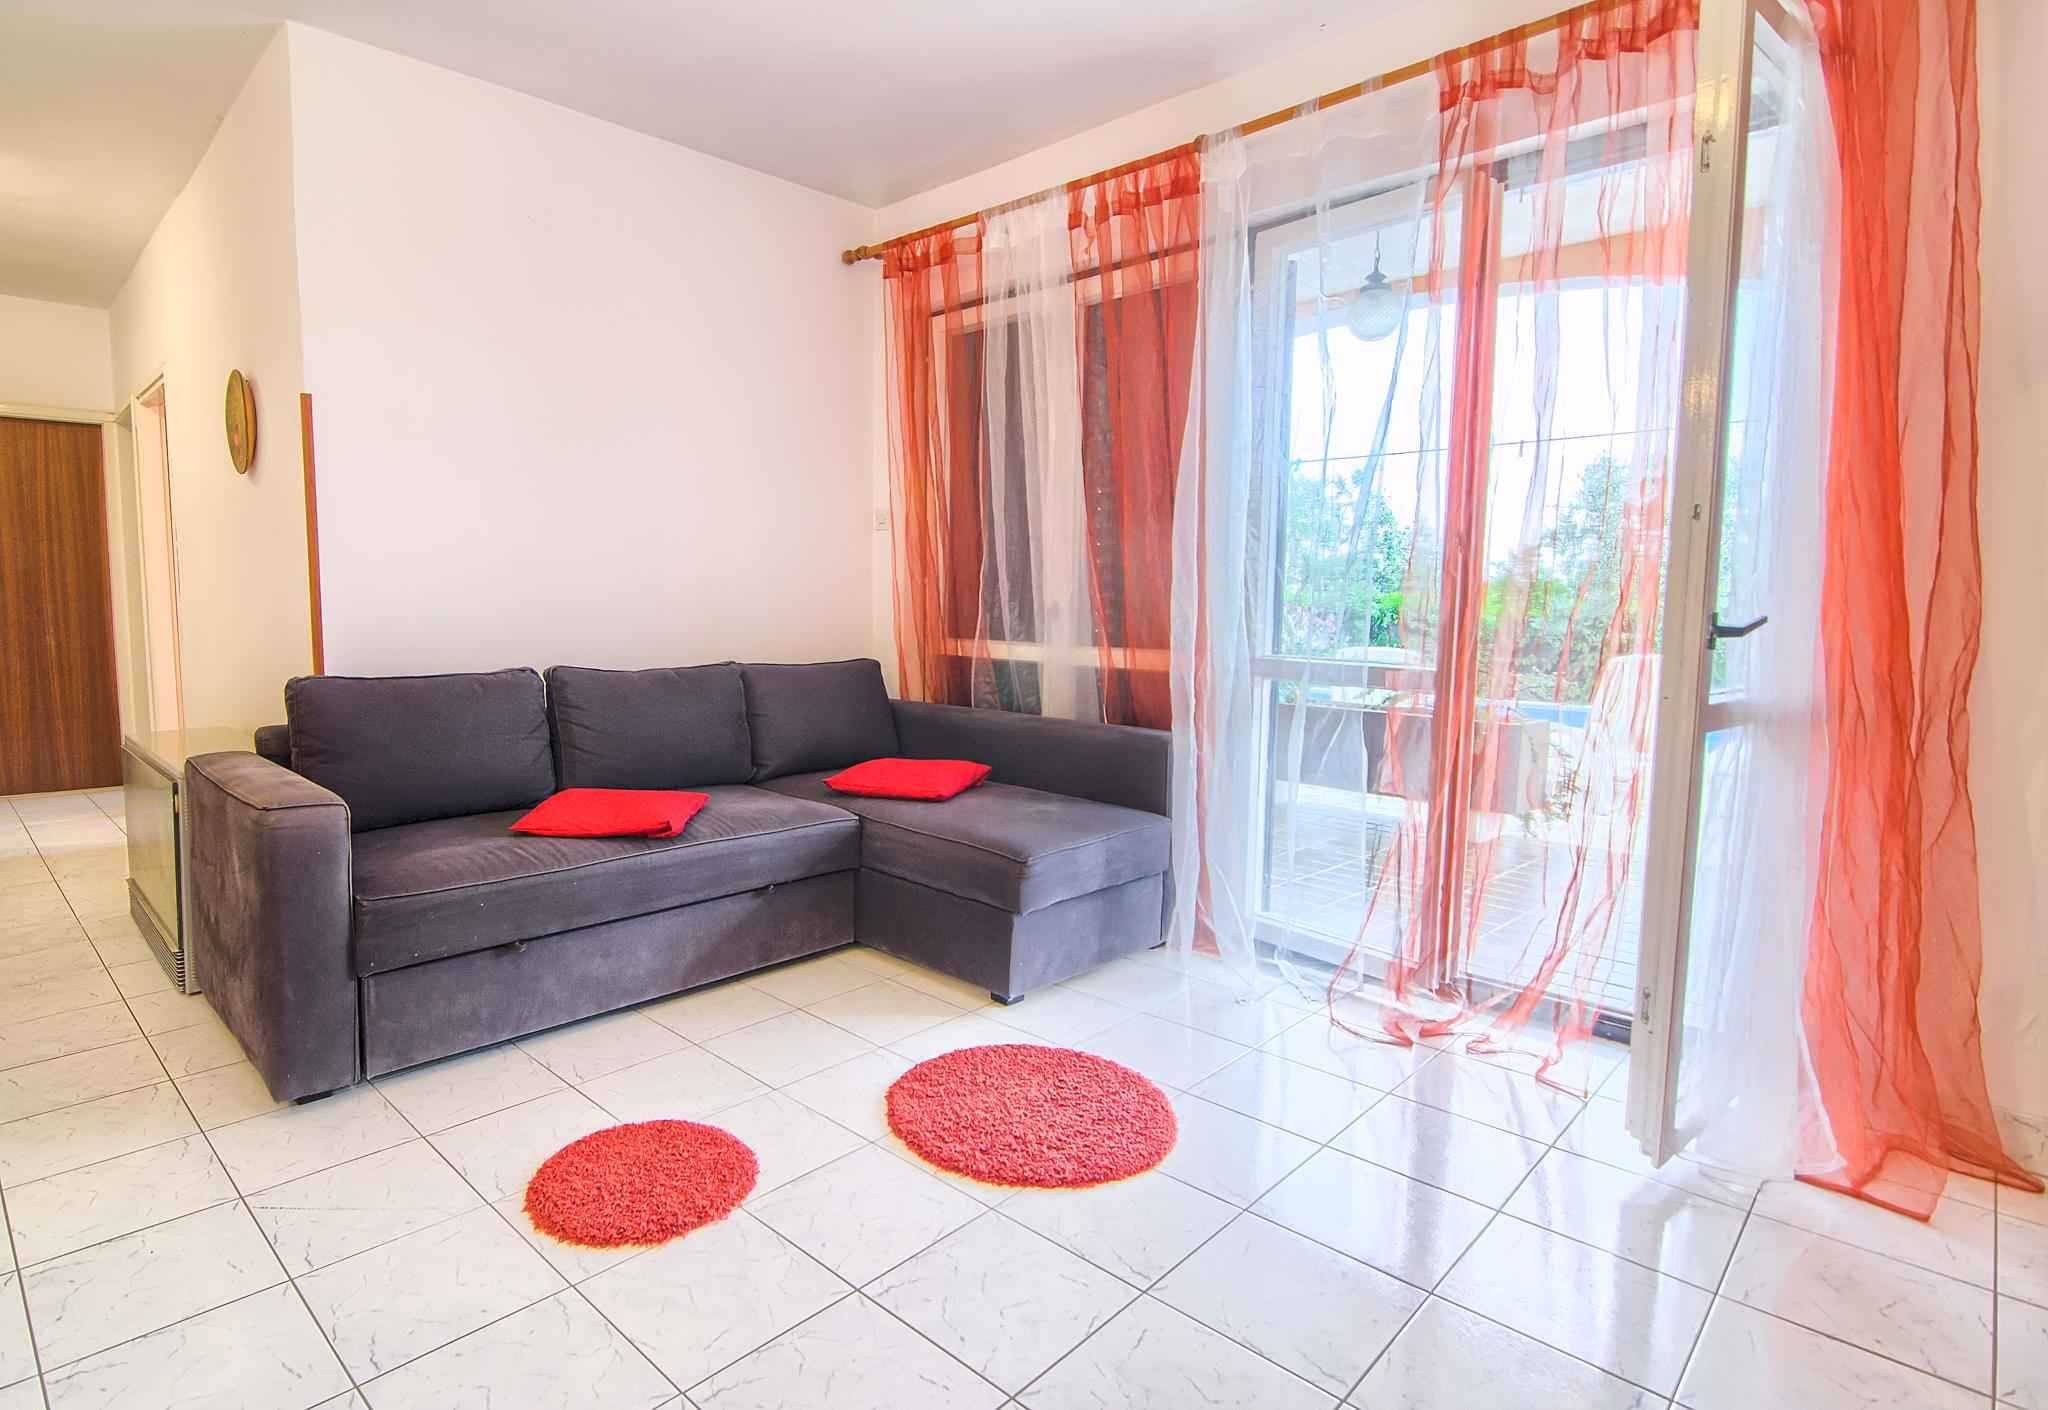 Ferienwohnung mit Pool und 32 qm Terrasse (280631), Pula, , Istrien, Kroatien, Bild 9